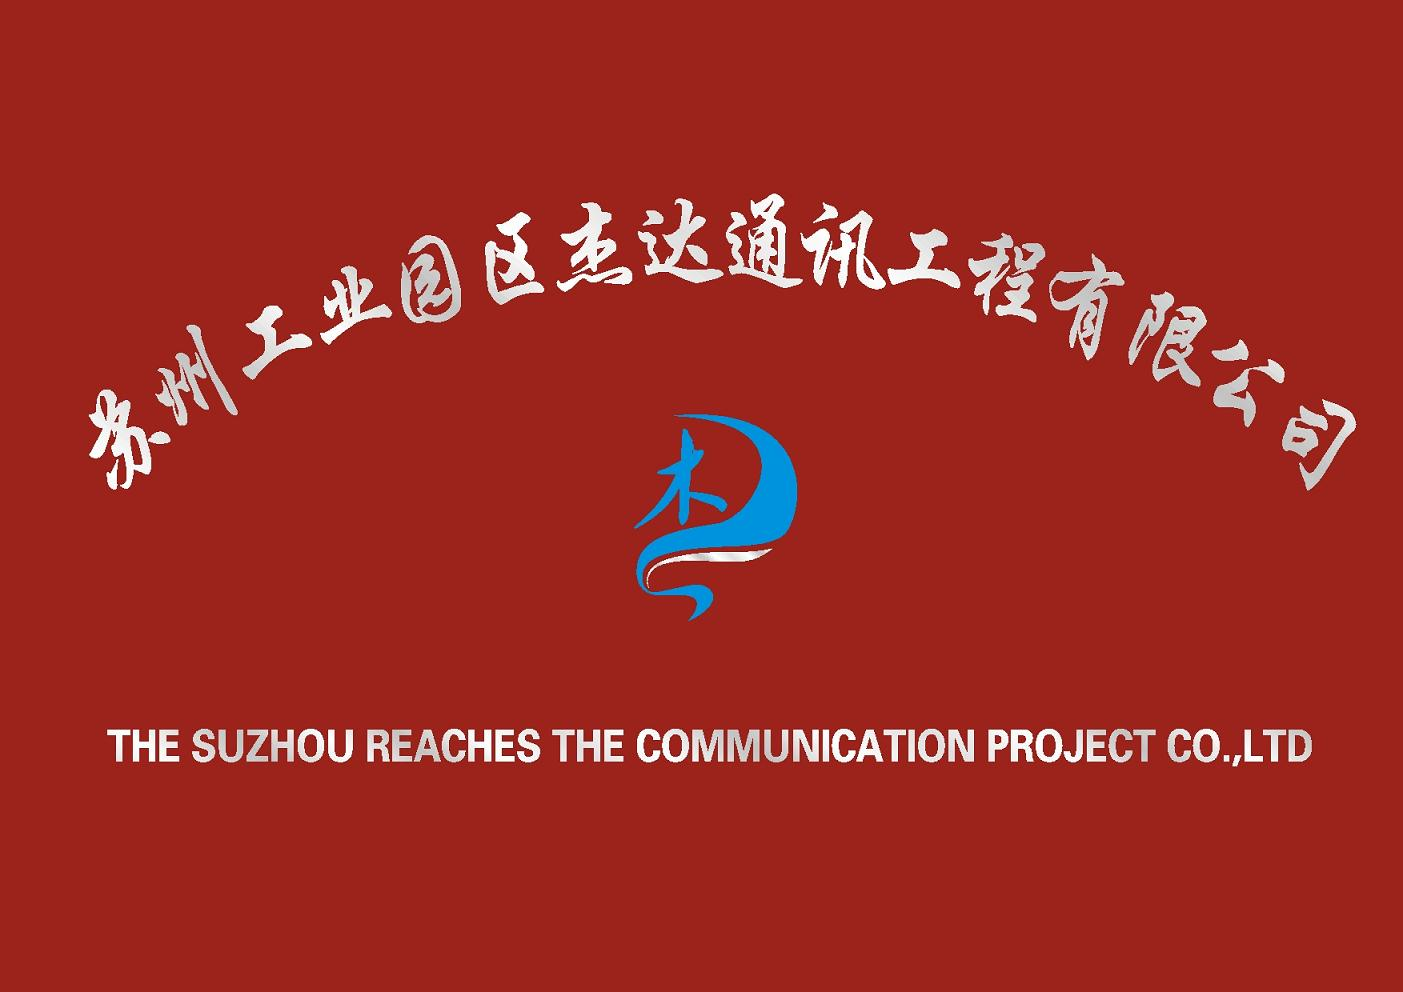 苏州工业园区杰达通讯工程有限公司最新招聘信息